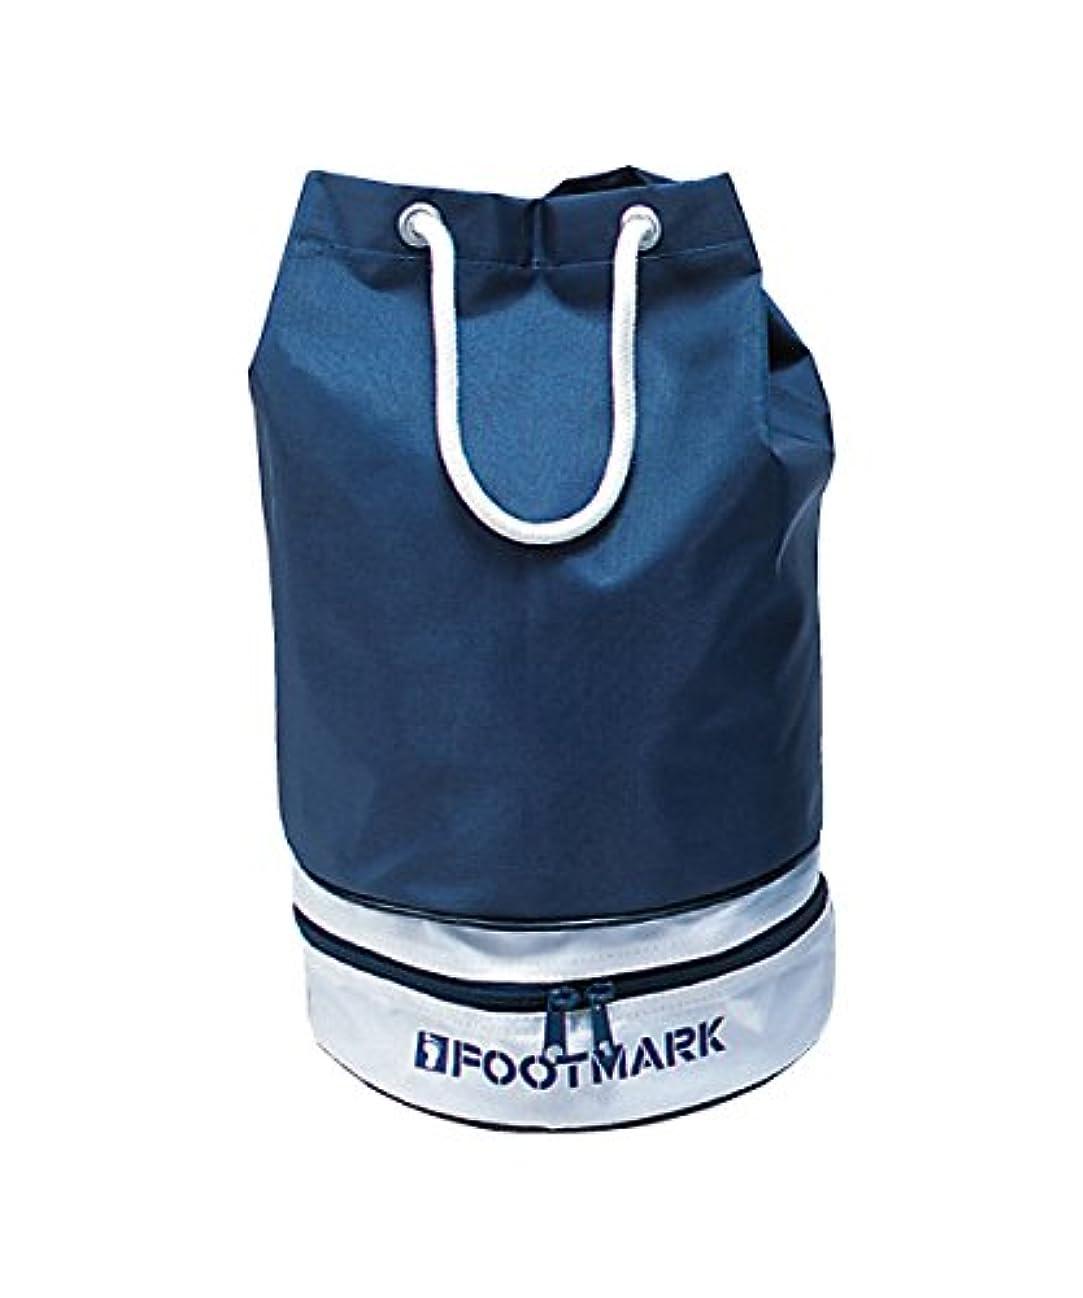 ミシン誤って埋めるFOOTMARK(フットマーク) 水泳用 プールバッグ ニューツインバッグ 101333